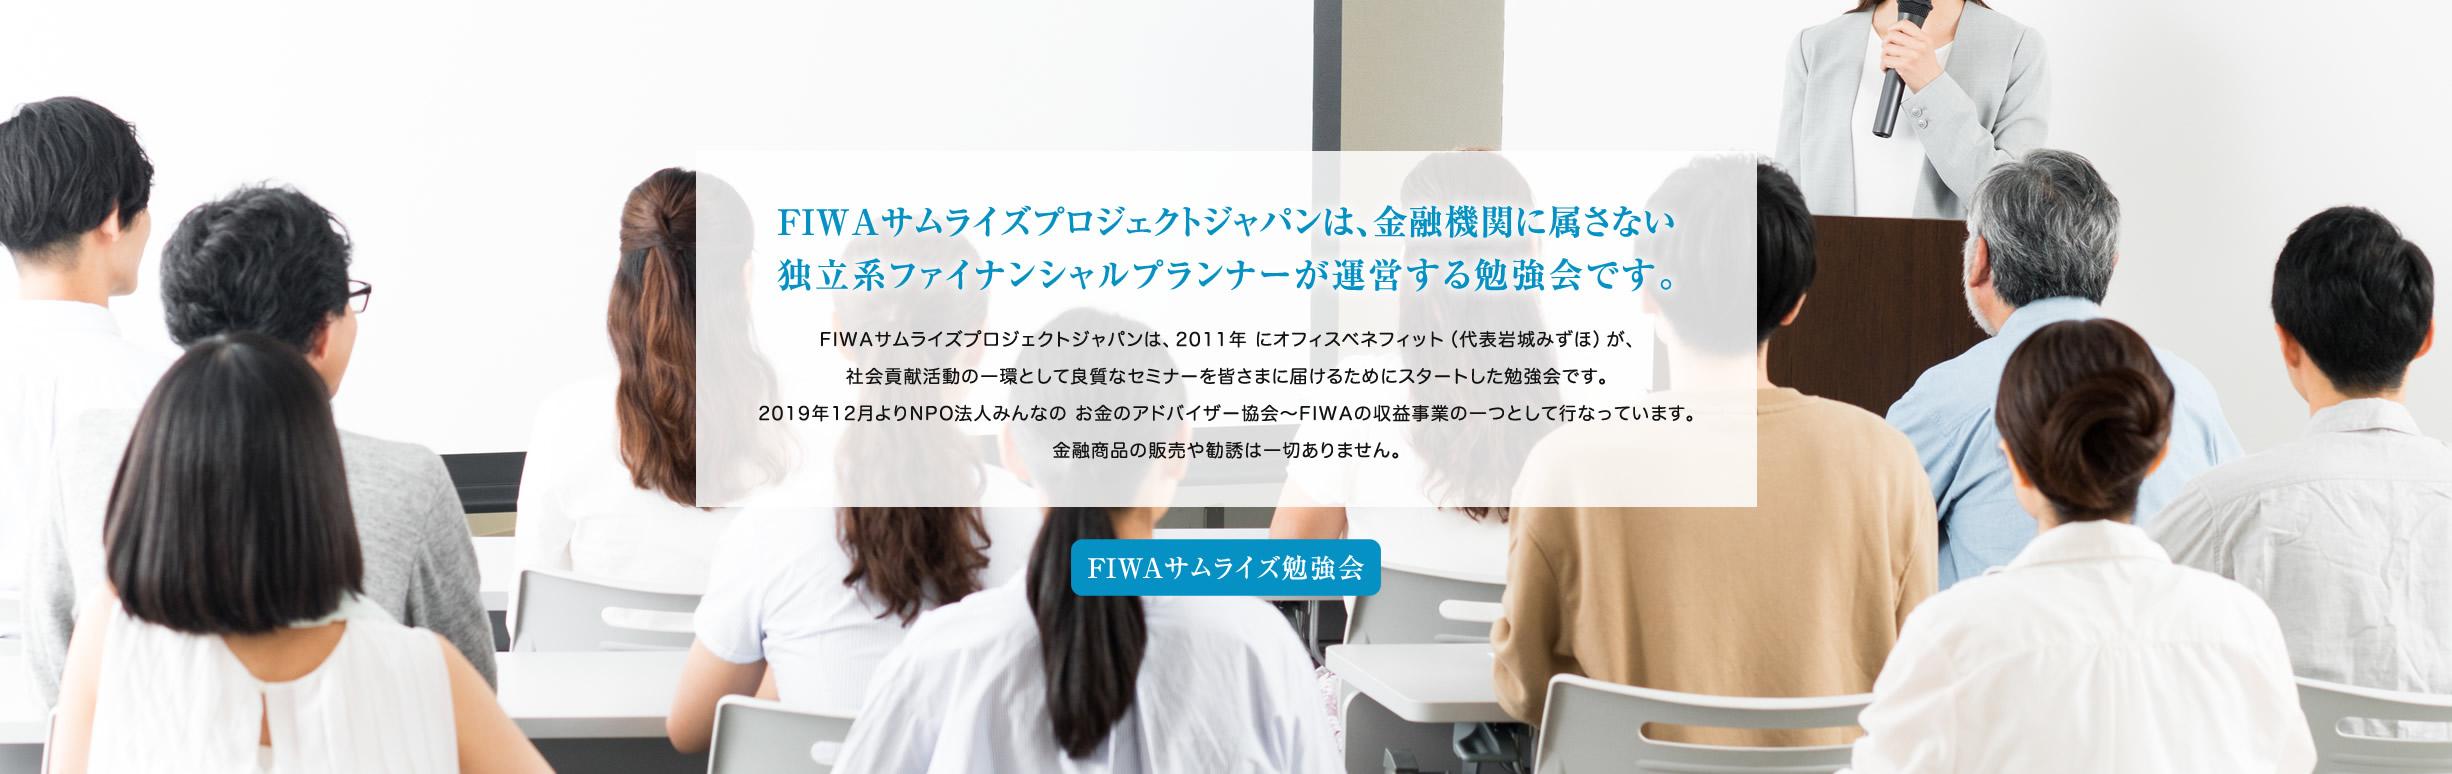 サムライズプロジェクトジャパン